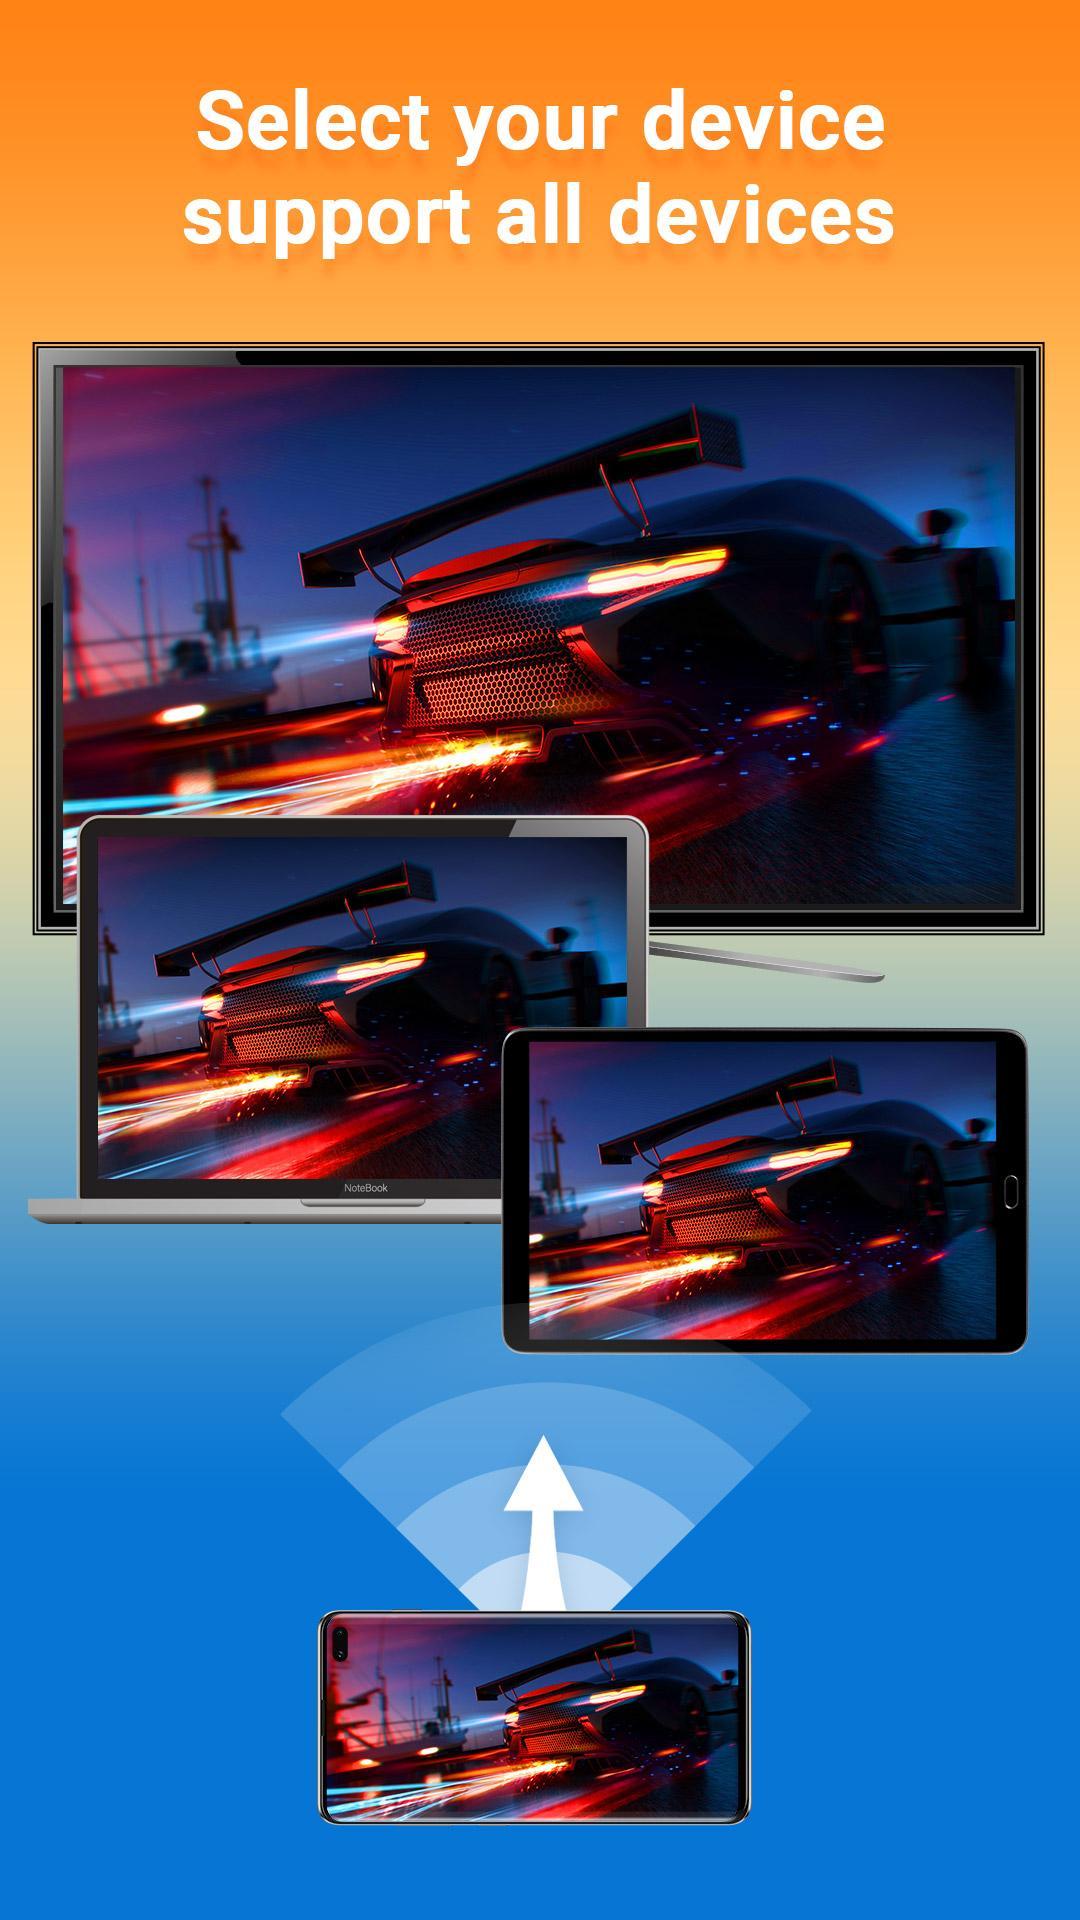 جديد التطبيقات: Screen Mirroring HD لعكس شاشة هاتفك على تلفازك الذكي